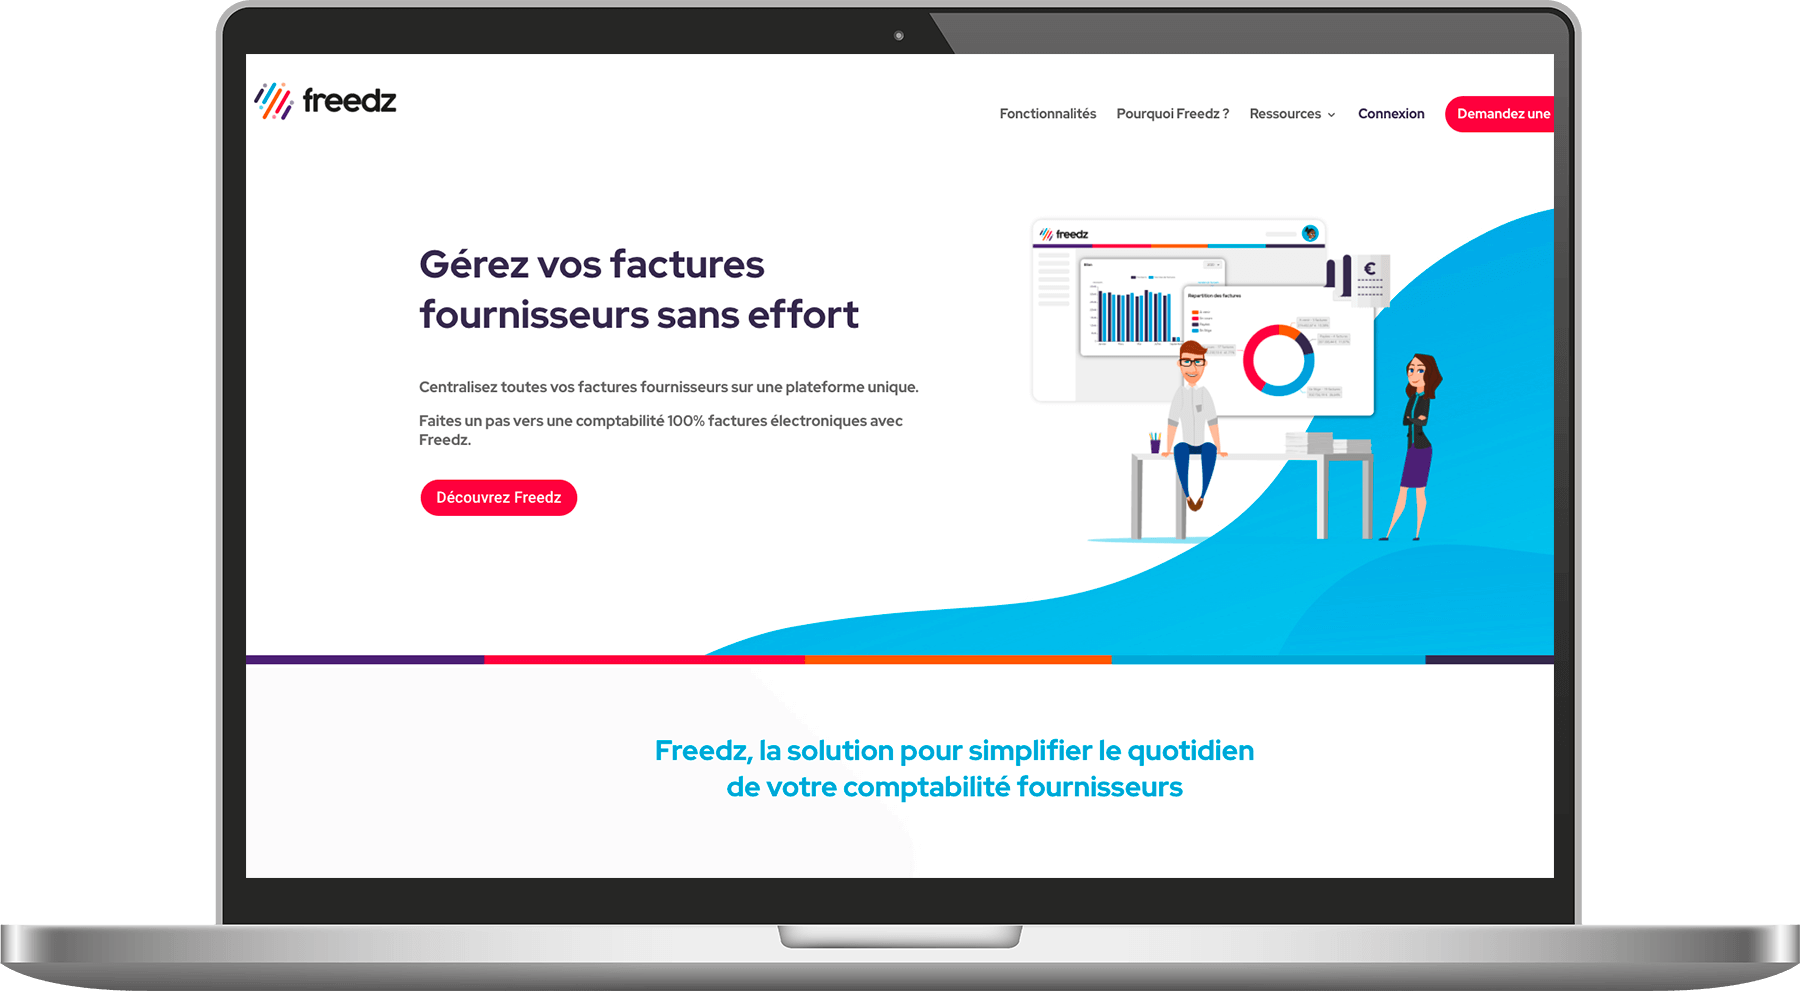 Ecran de la page d'accueil du site web de Freedz